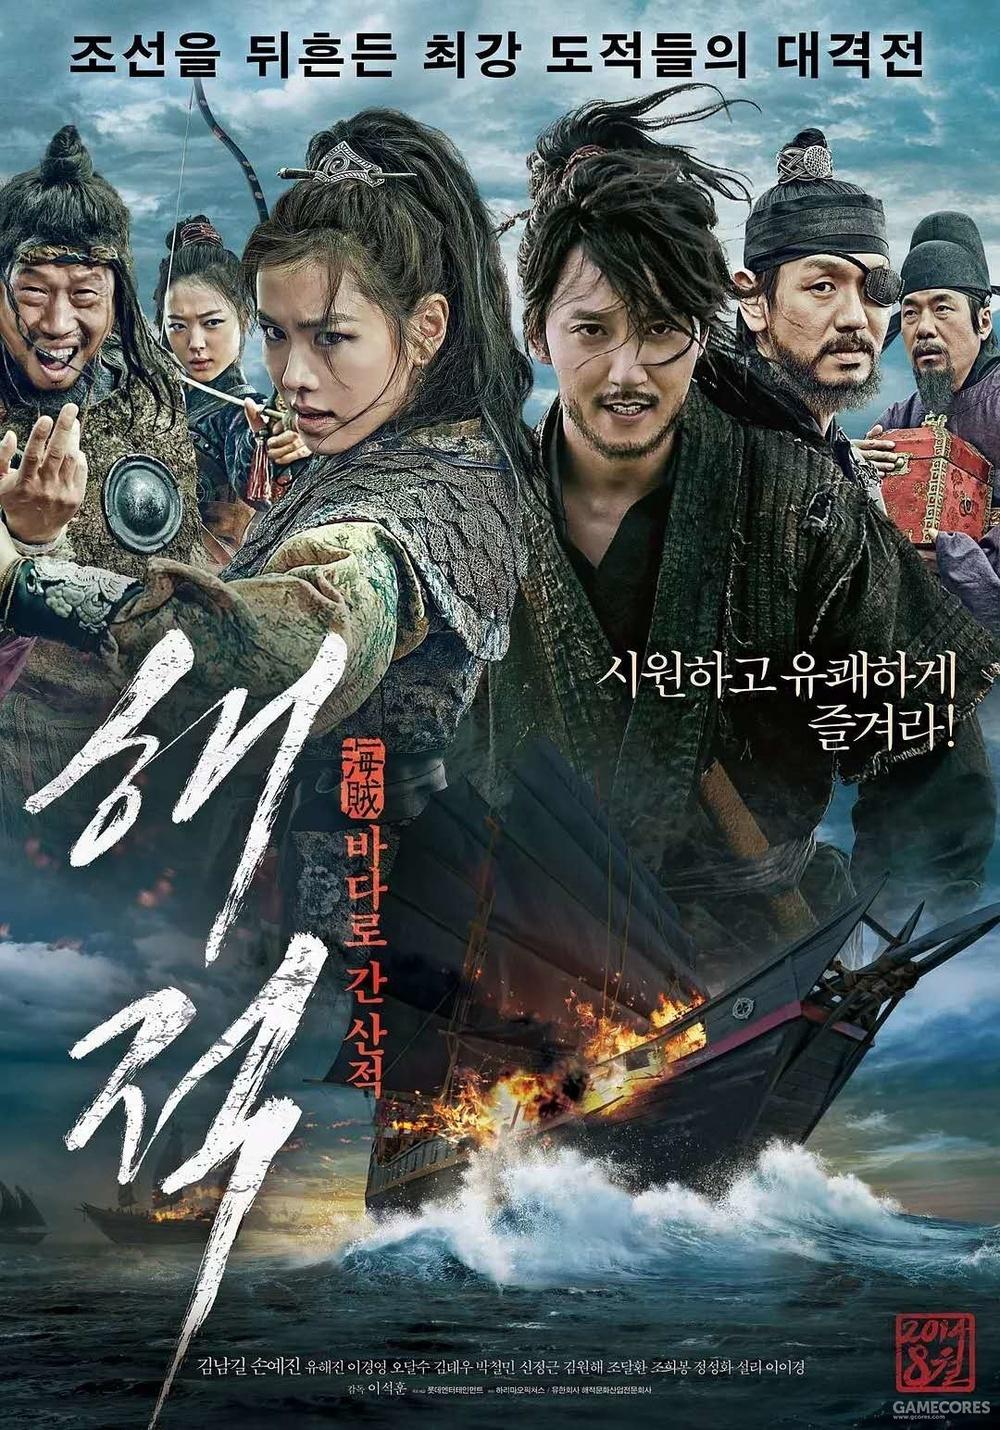 韩国《海盗》2014